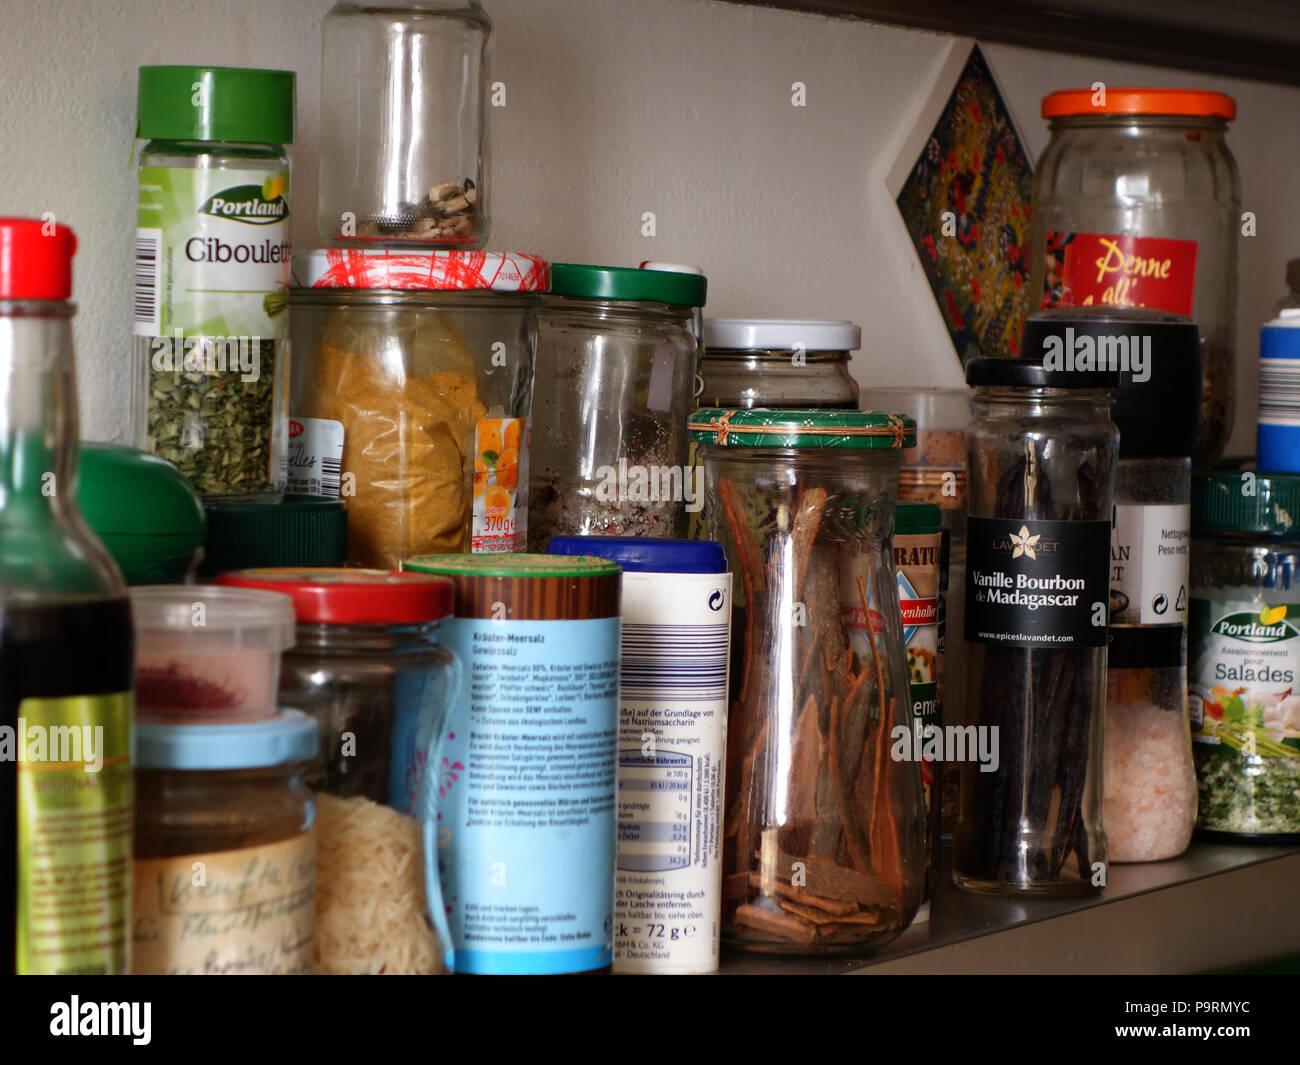 Glas Gläser Essen Asiatische Würzige Küche Stockfotos & Glas Gläser ...